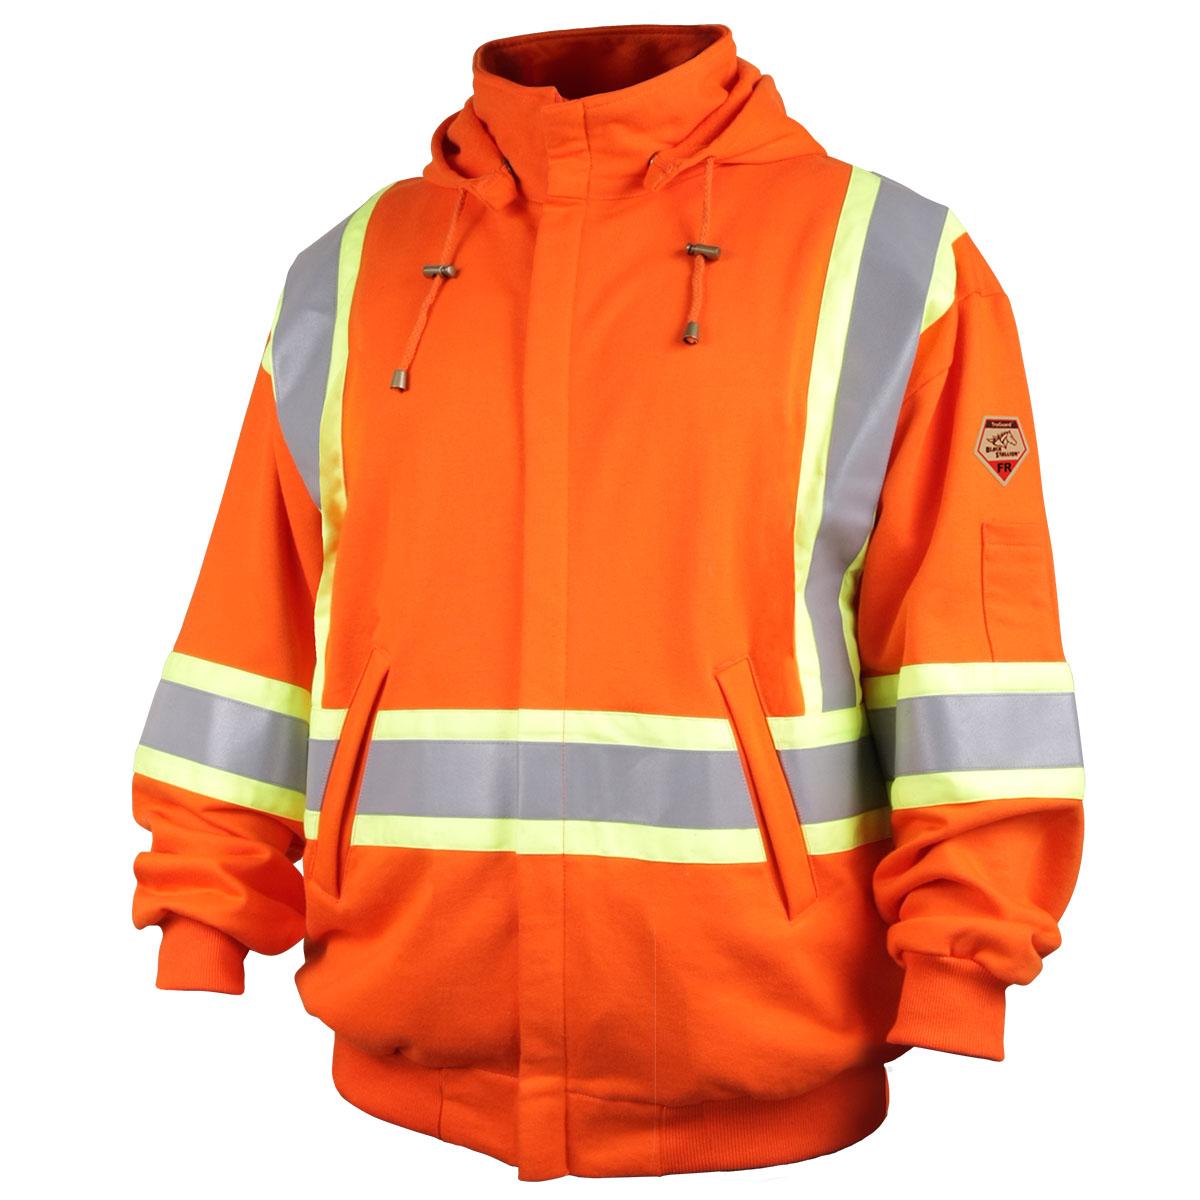 Black stallion flame resistant hoodie